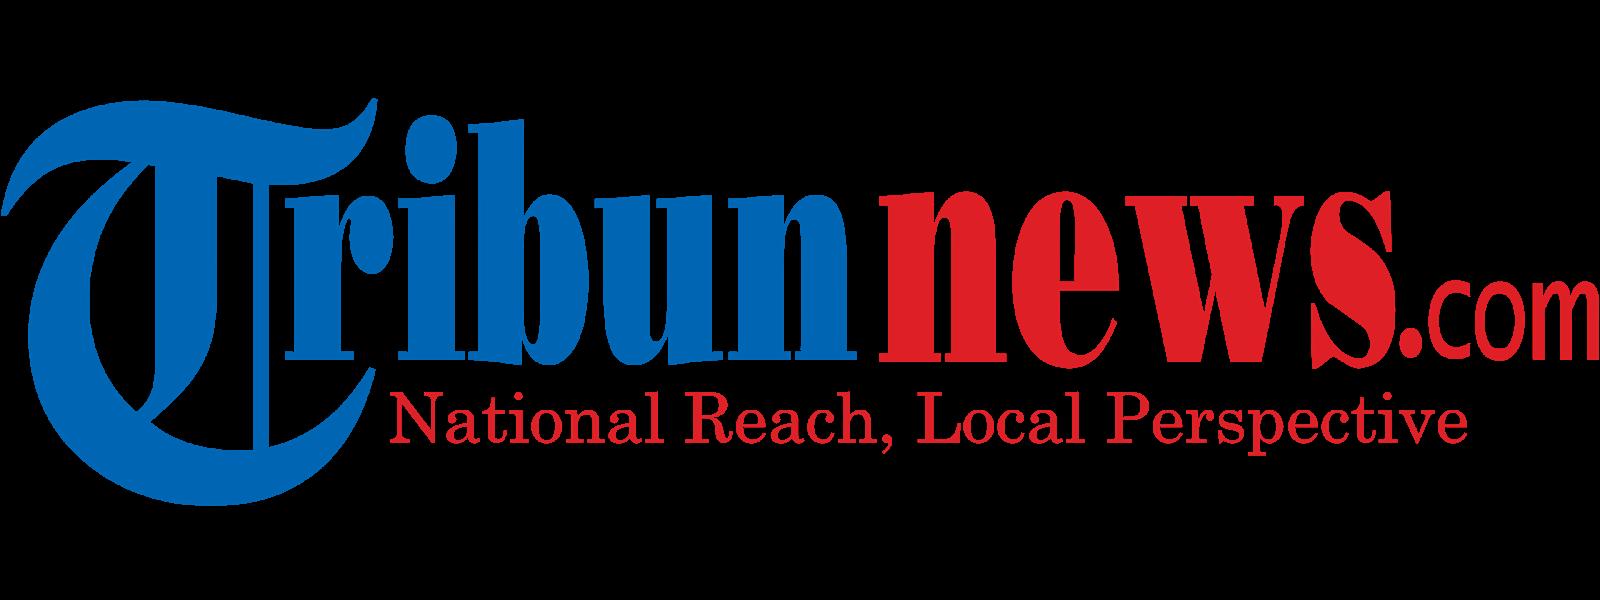 Tribunnes.com Logo